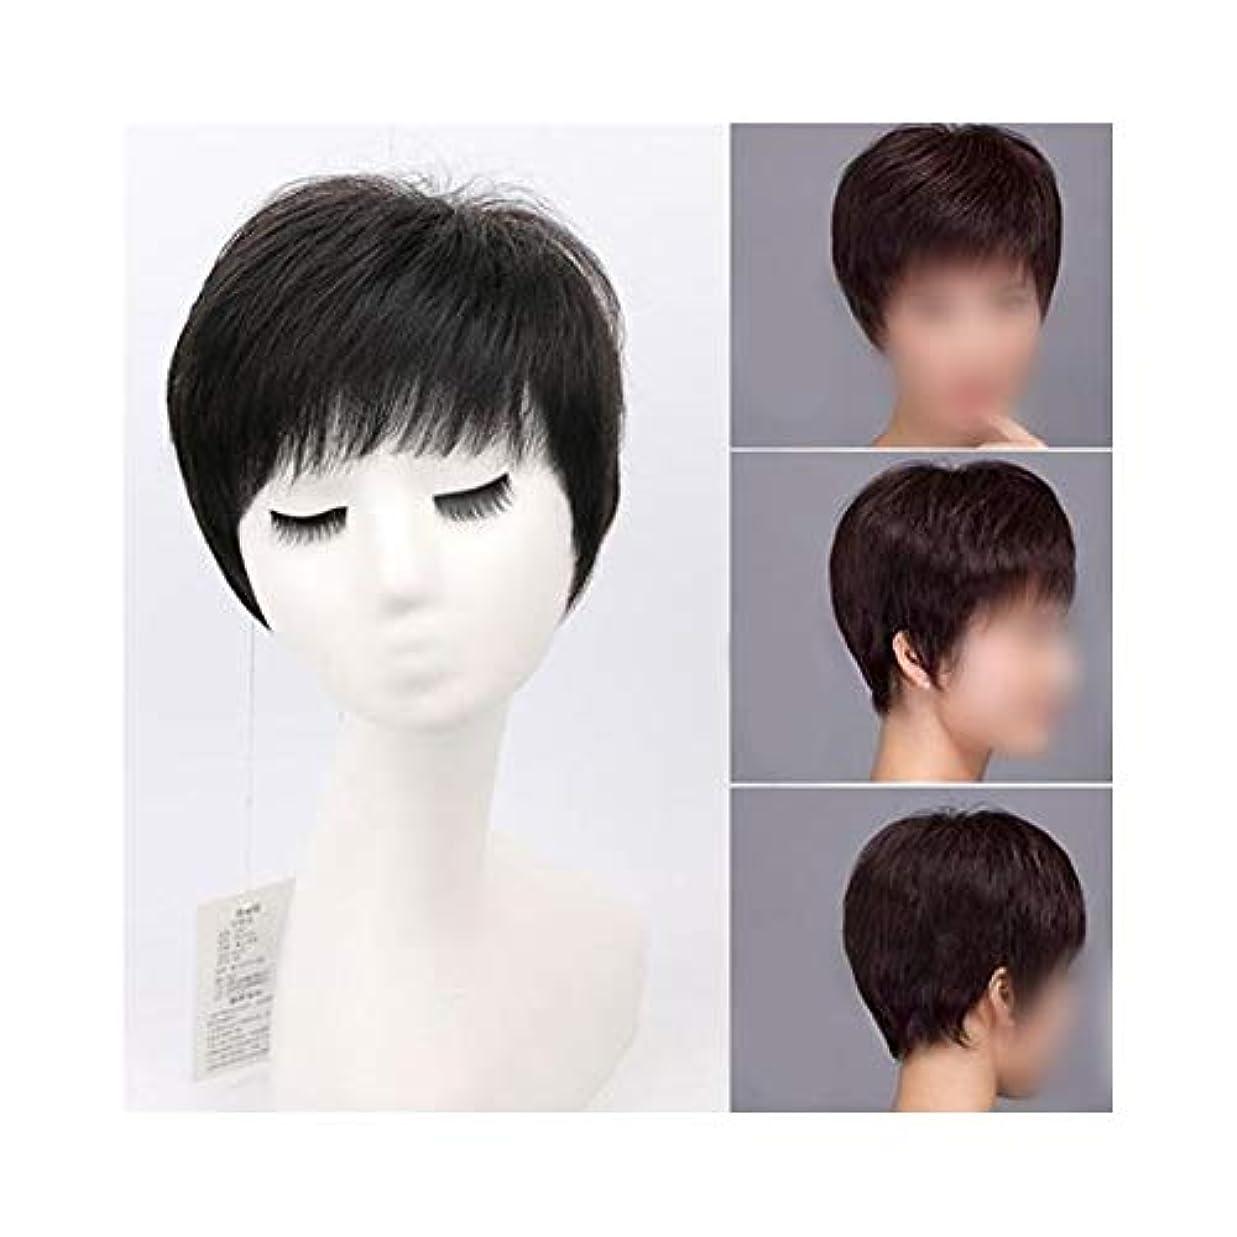 紛争のど知らせるYOUQIU 女性のための空気中前髪と古いウィッグナチュラル現実的なかつらを持つ実髪ショートストレートヘアー (色 : Dark brown)